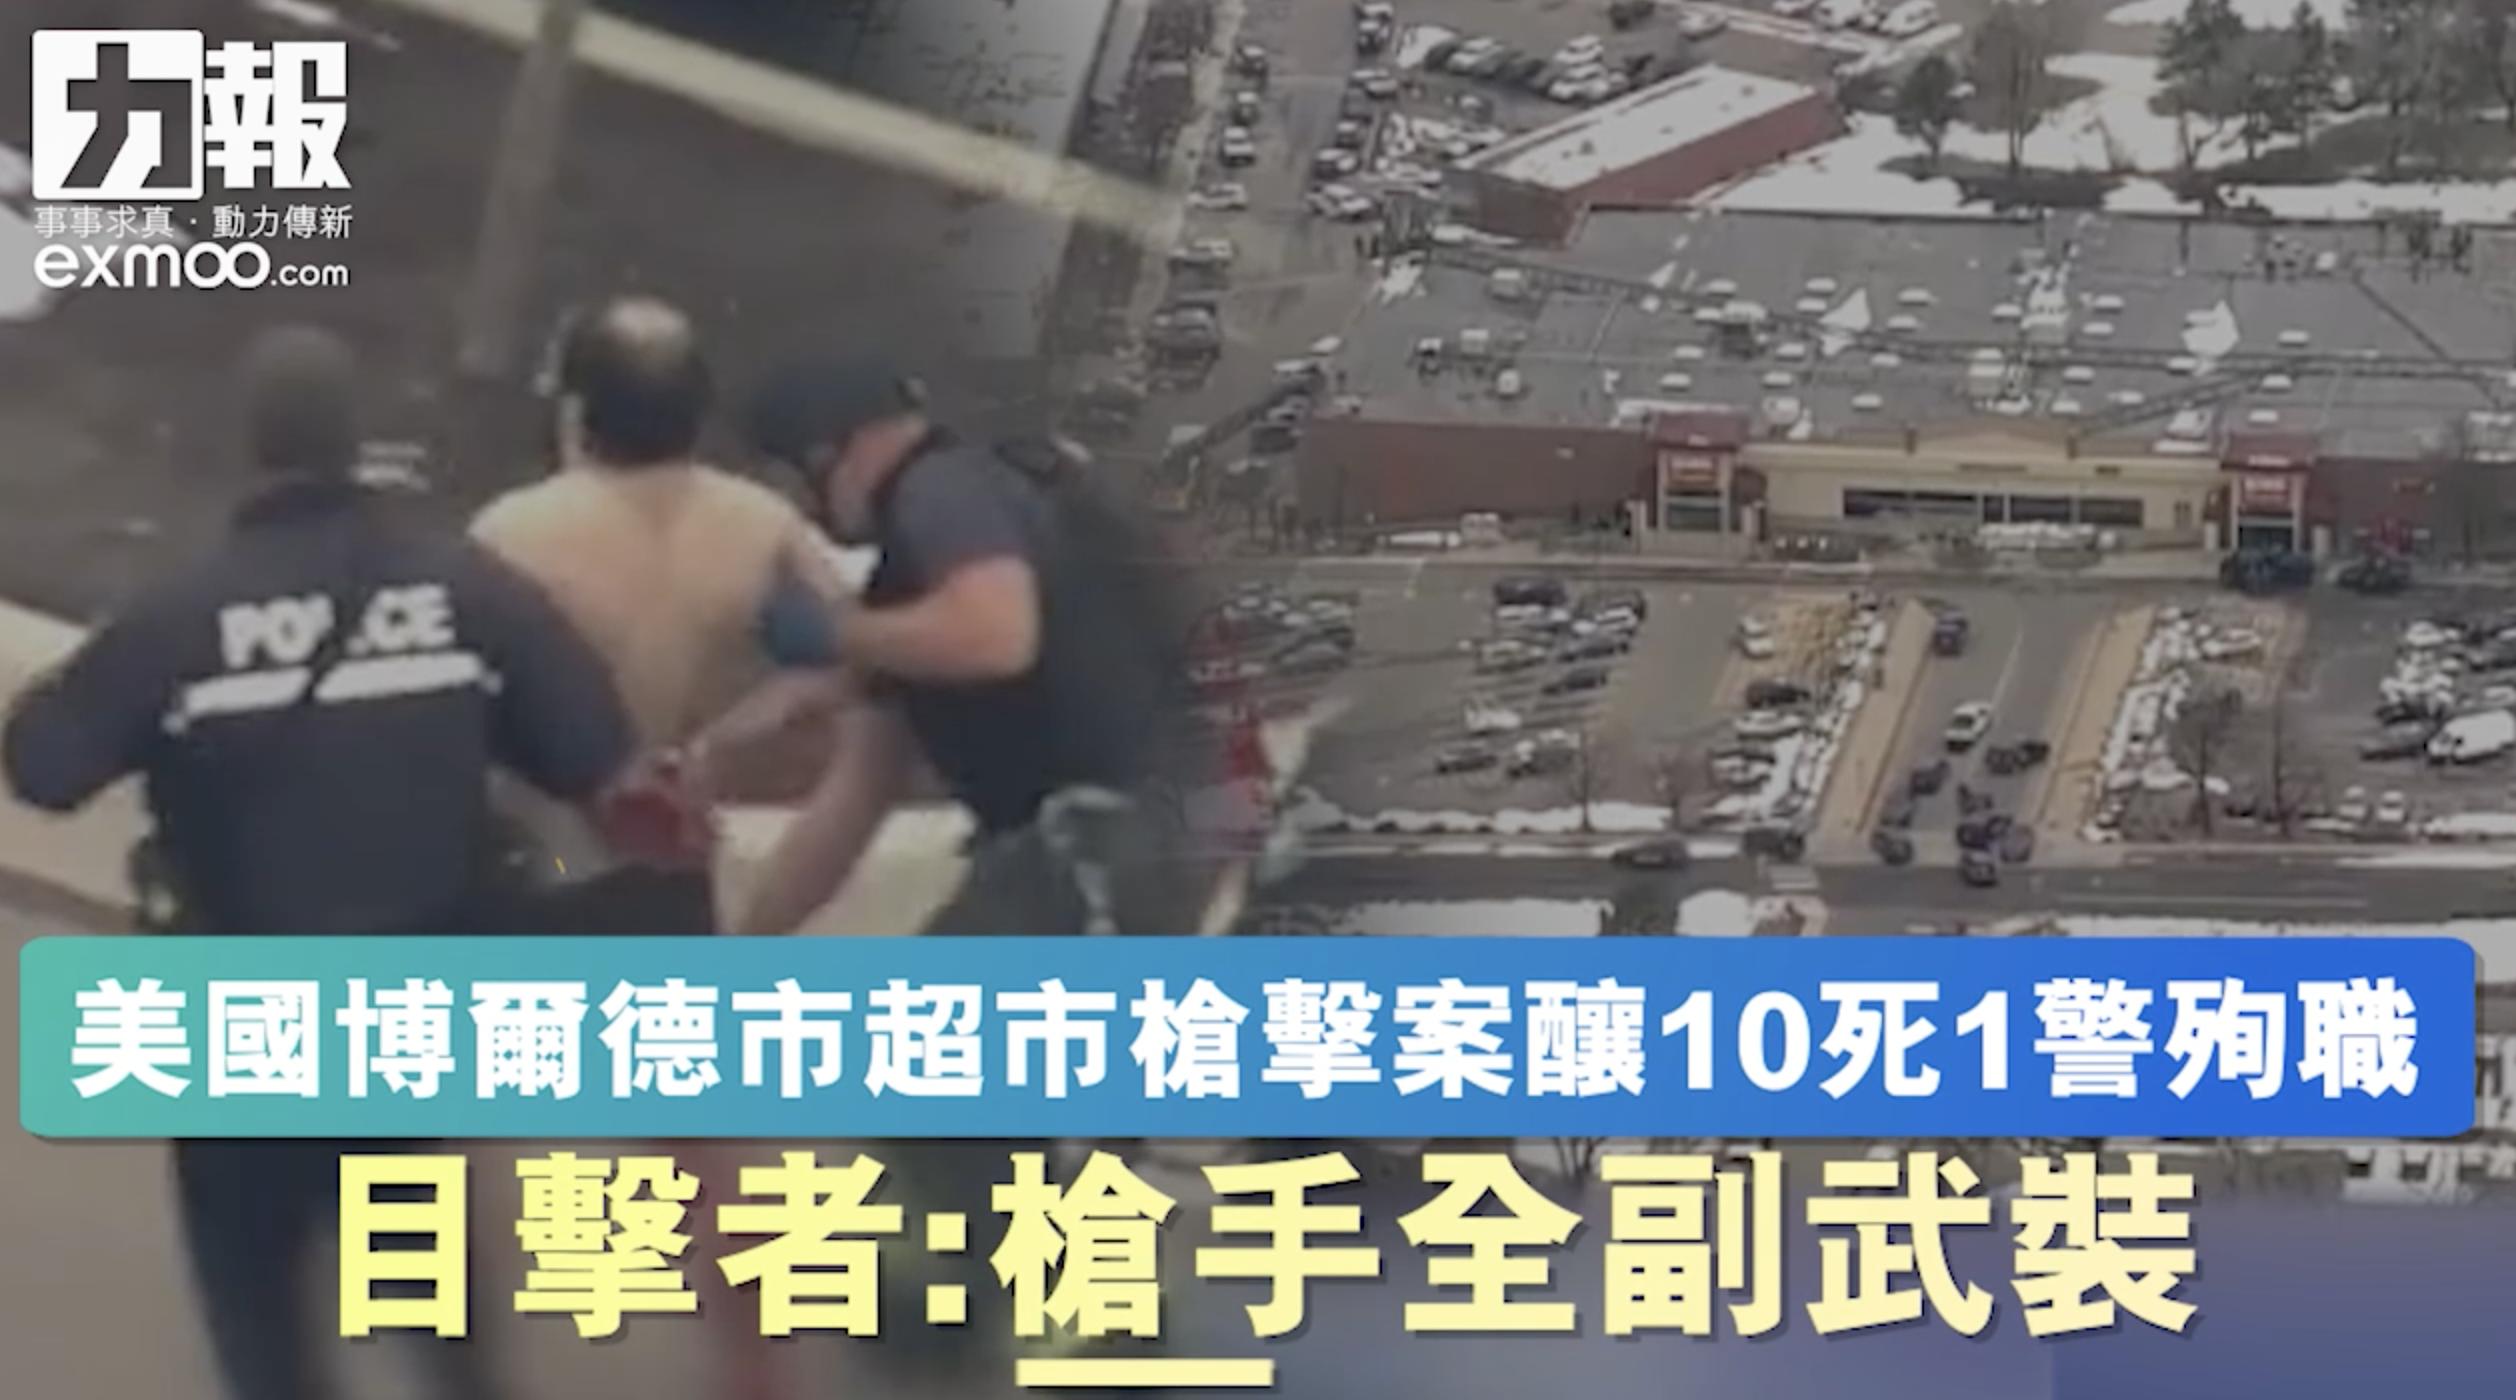 目擊者:槍手全副武裝